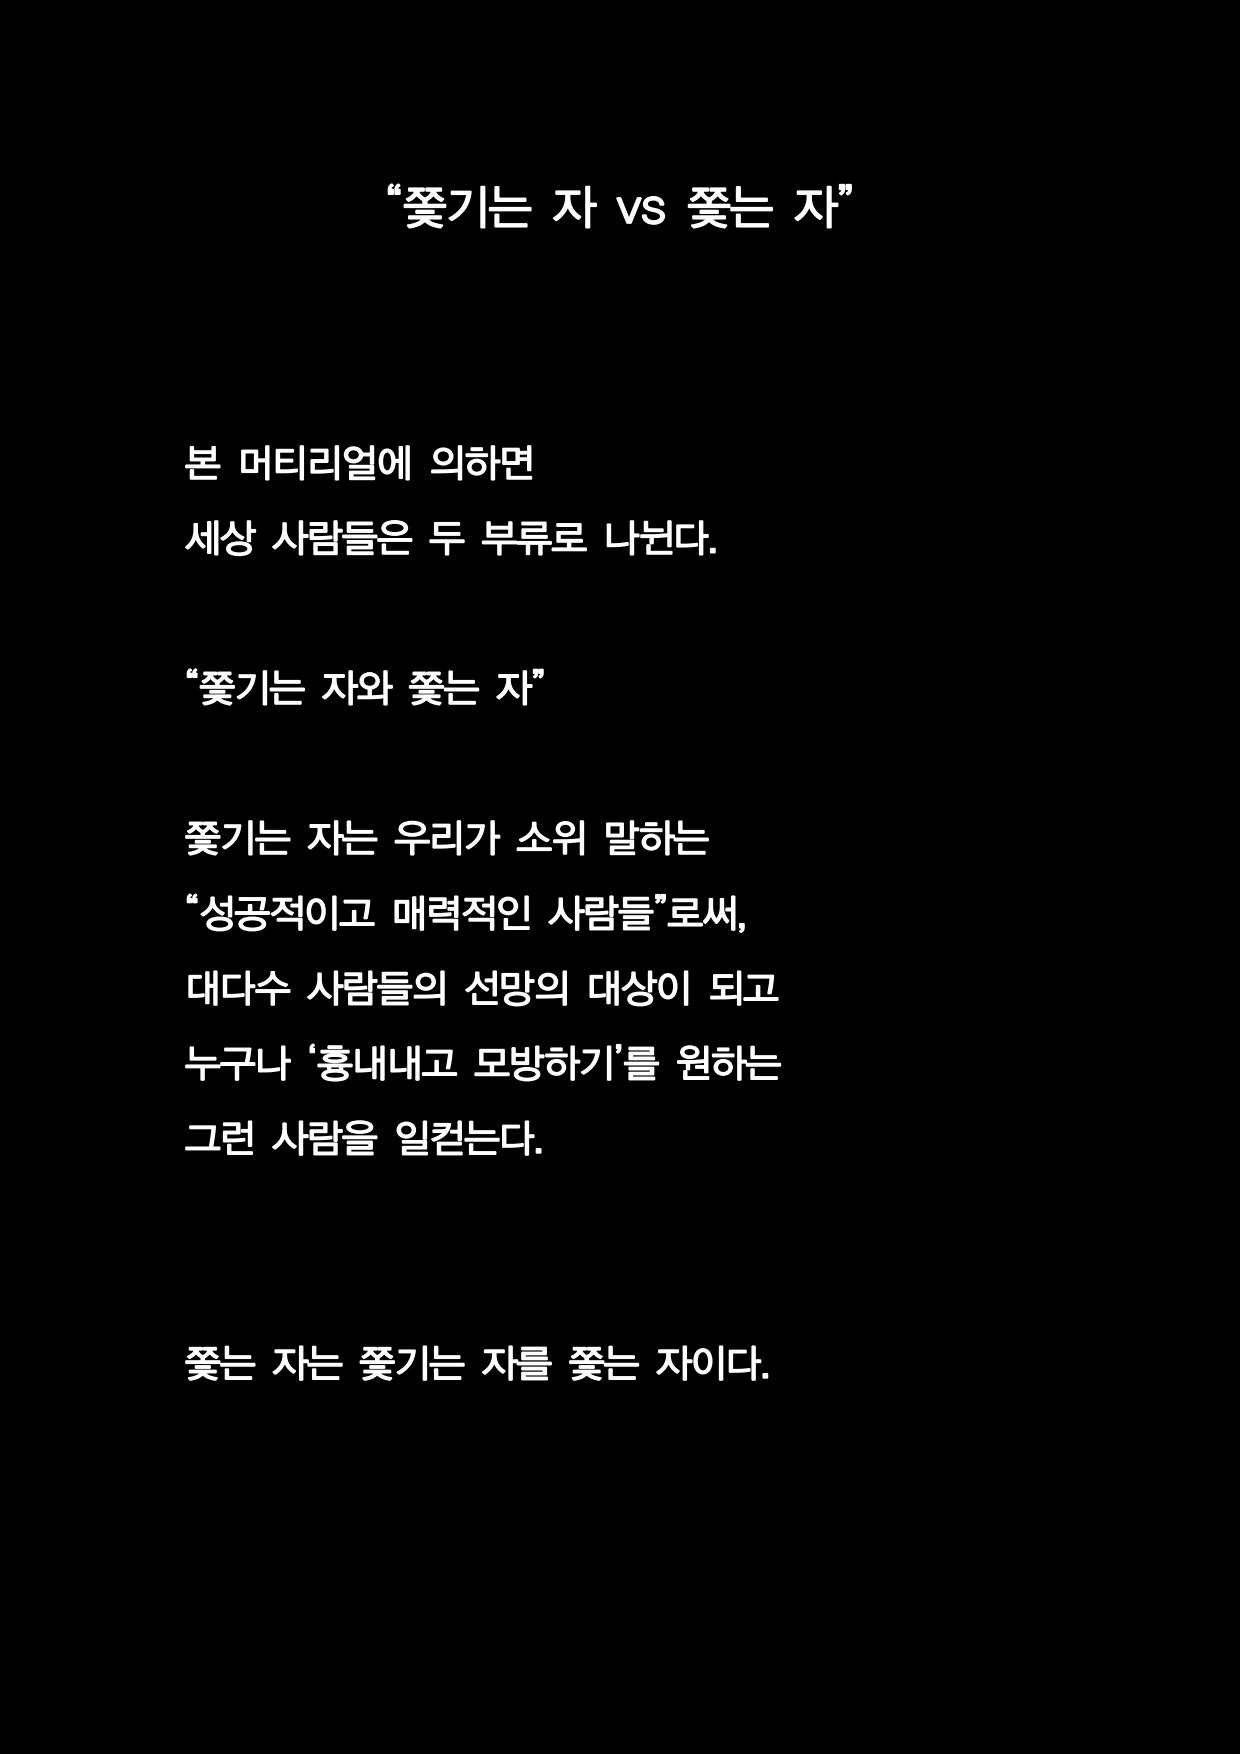 본 머티리어 1회차 홍보글(폰트 포함)_10.png